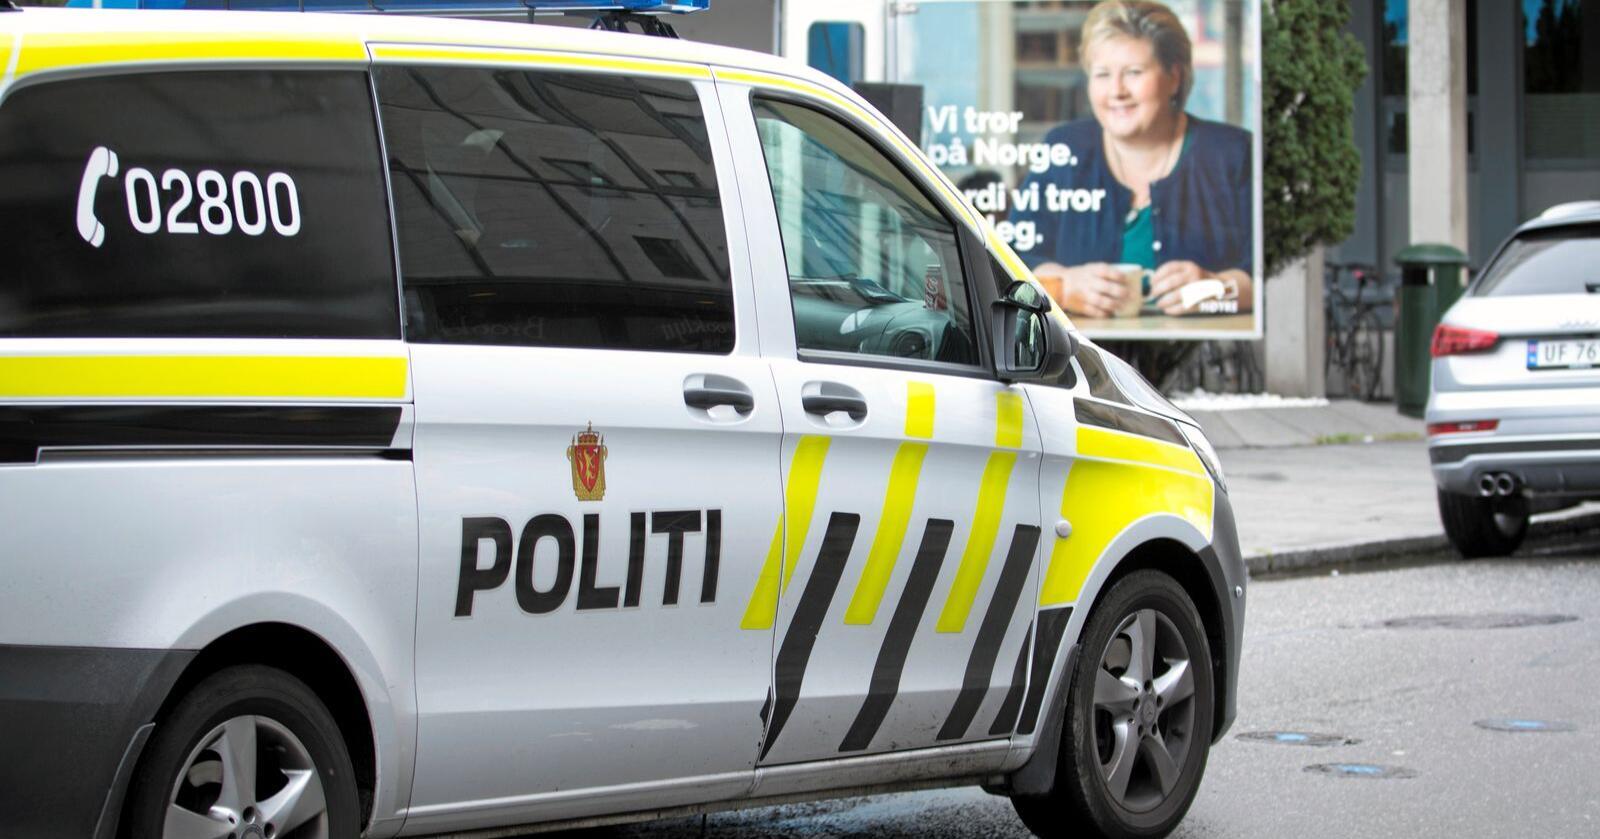 Det er grunn til å lure på om regjeringa eigentleg har forstått konsekvensane av å gjennomføre ei så stor sentralisering av norsk politi som dei forårsaka med den såkalla nærpolitireforma, skriv Sps Jenny Klinge. Foto: Mostphotos